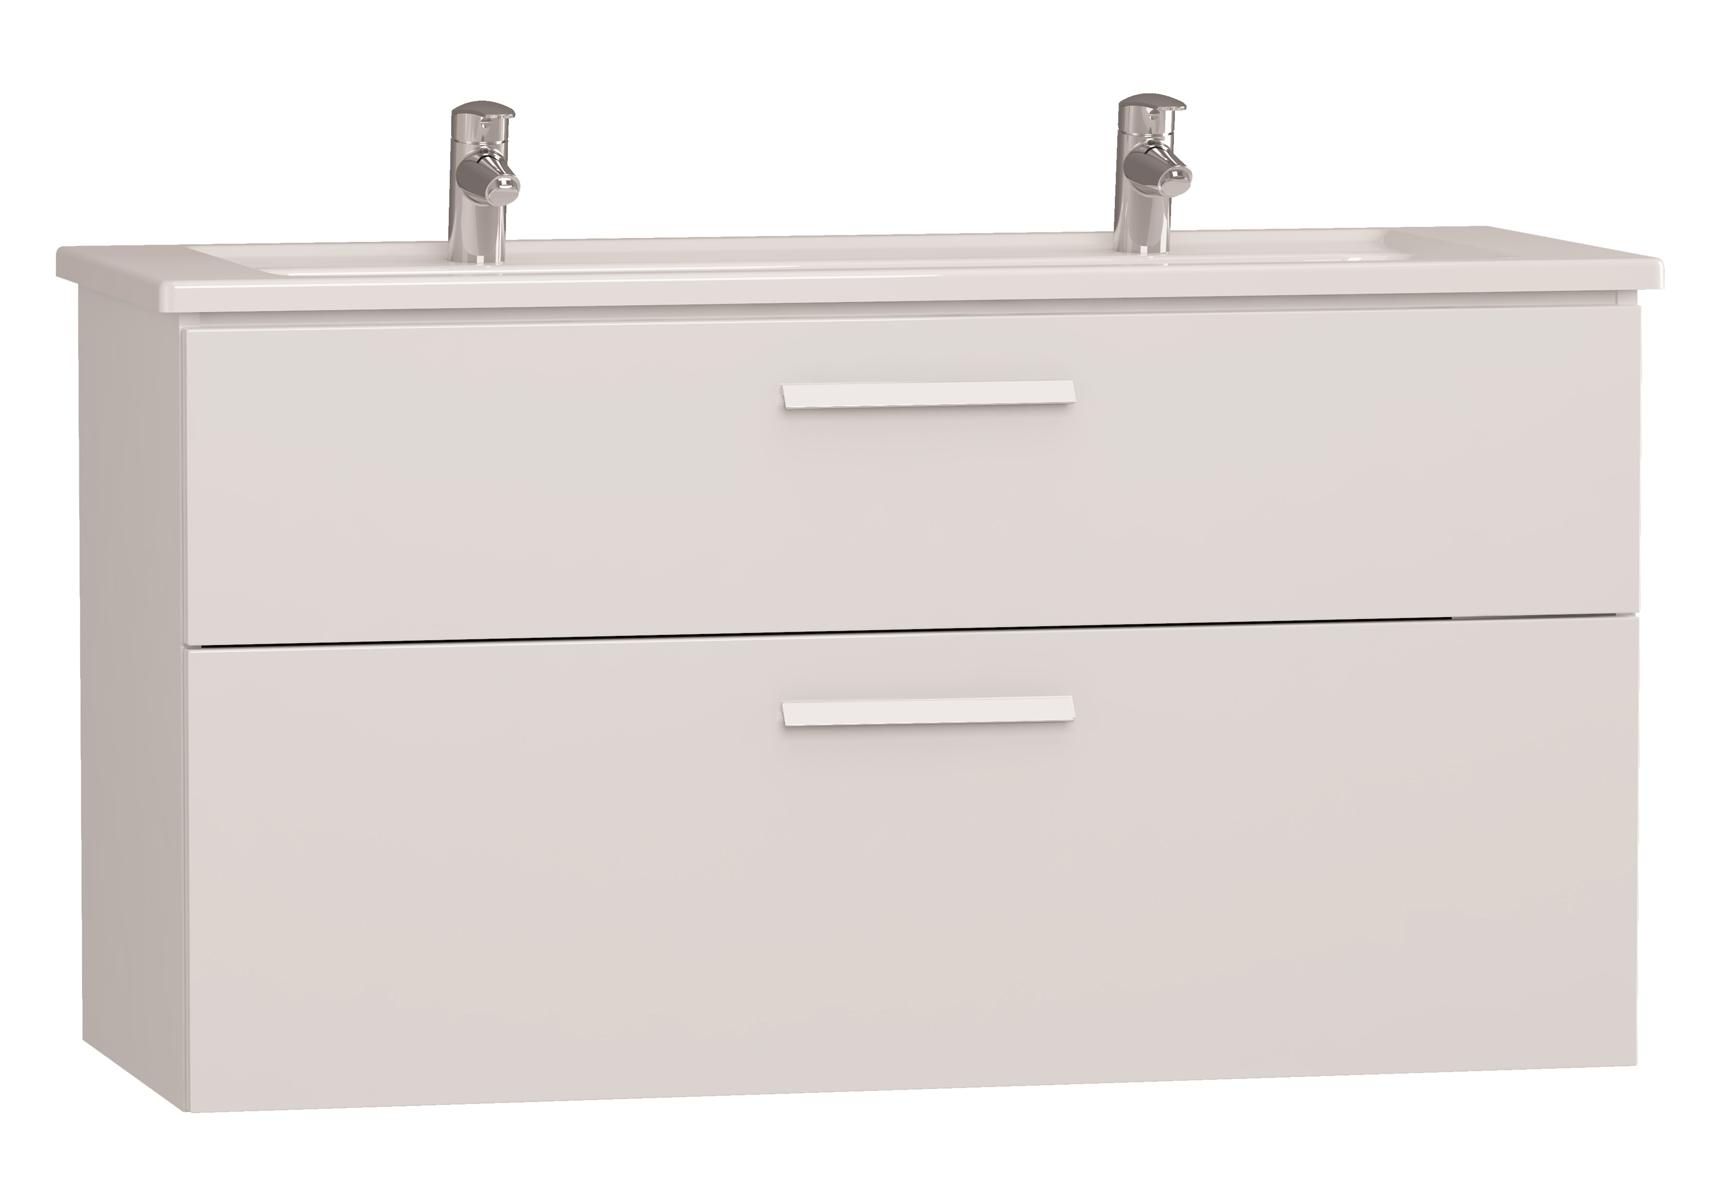 Integra meuble avec plan céramique avec deux trous centraux pour robinet, 120 cm, blanc haute brillance